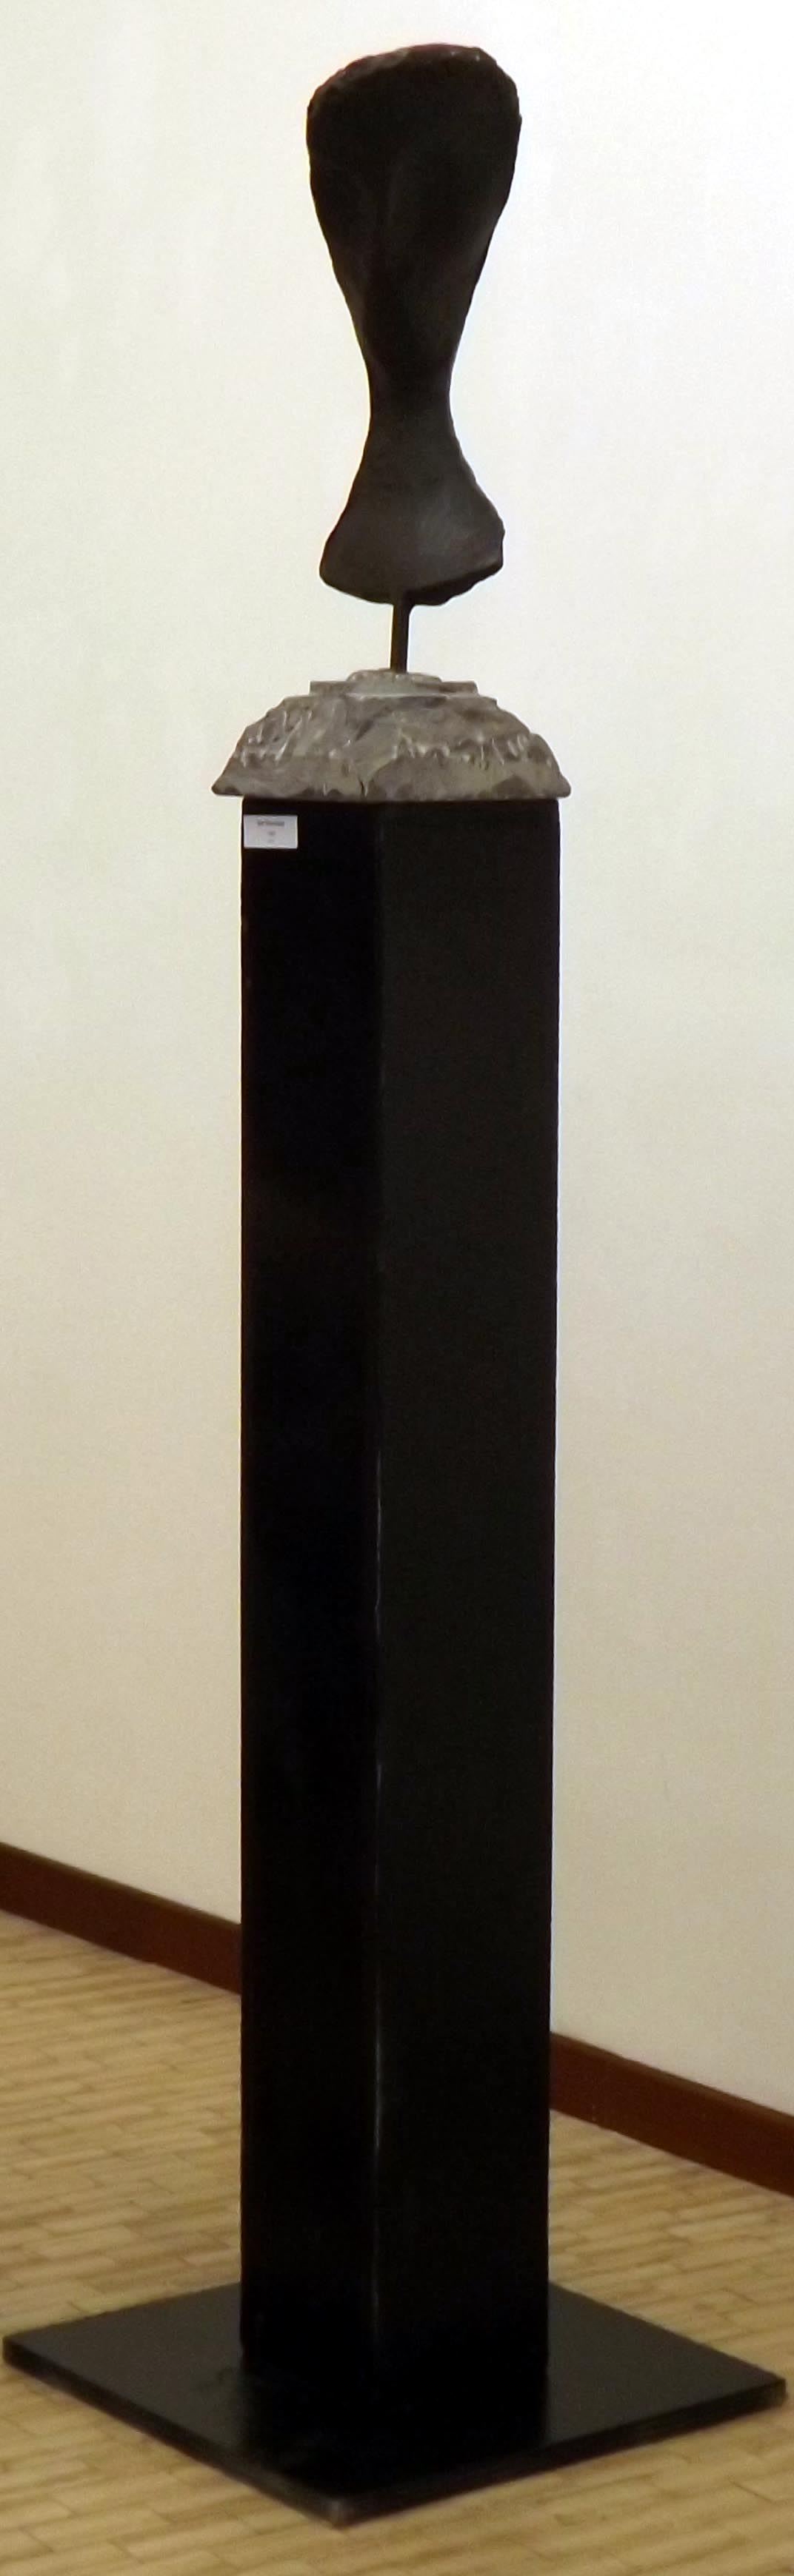 DSCF6623